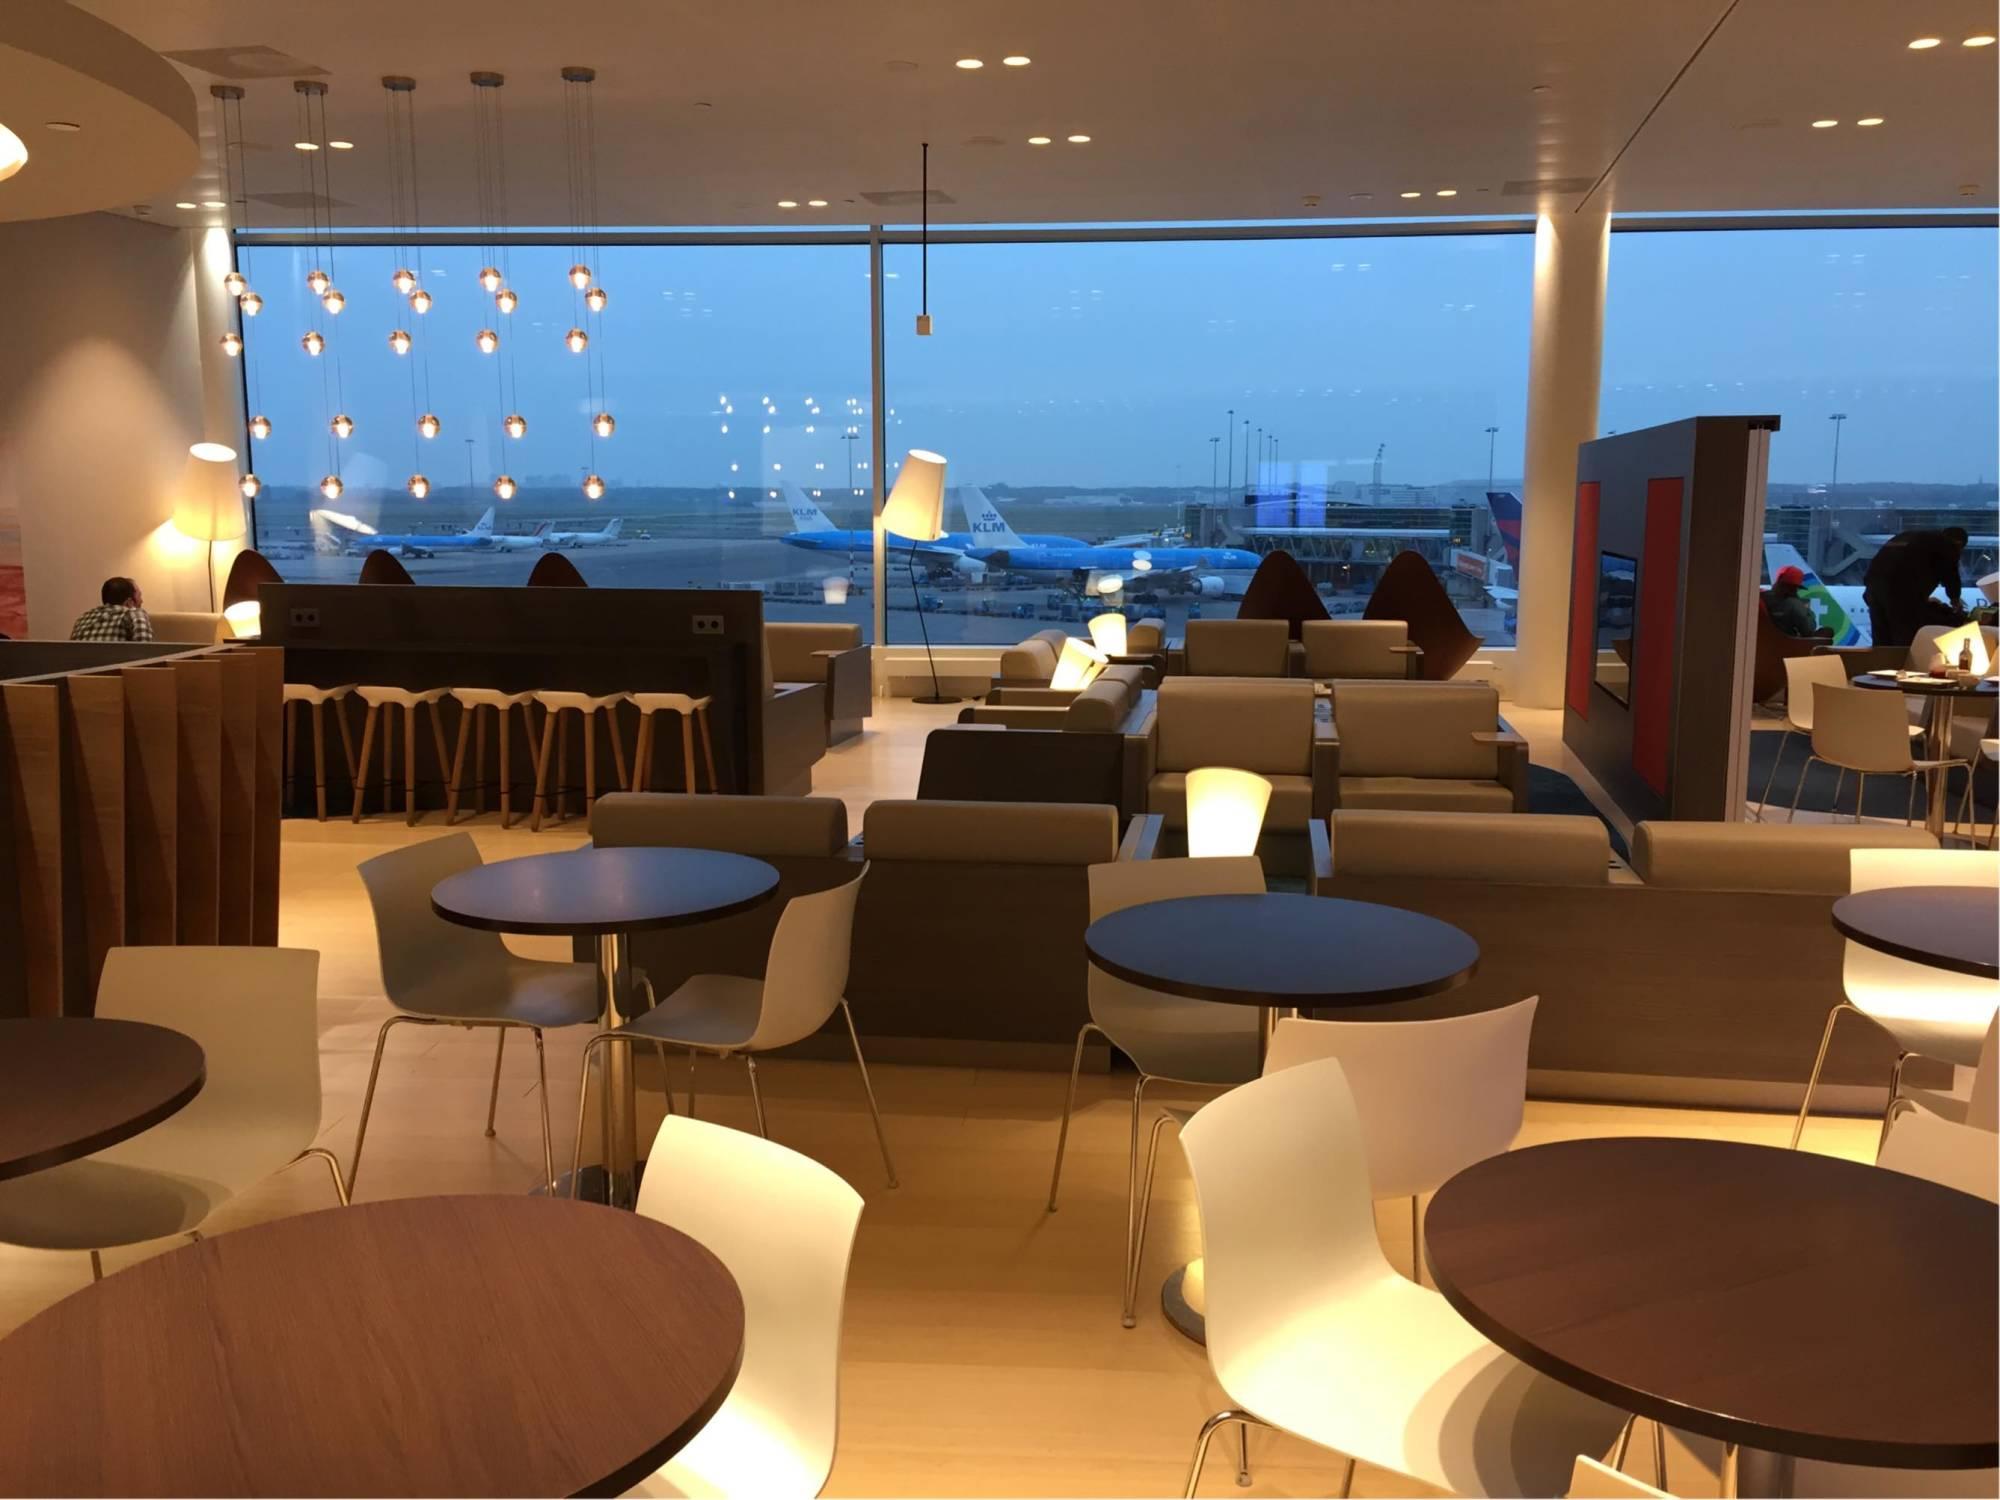 Ams Aspire Lounge 41 Non Schengen Reviews Photos Main